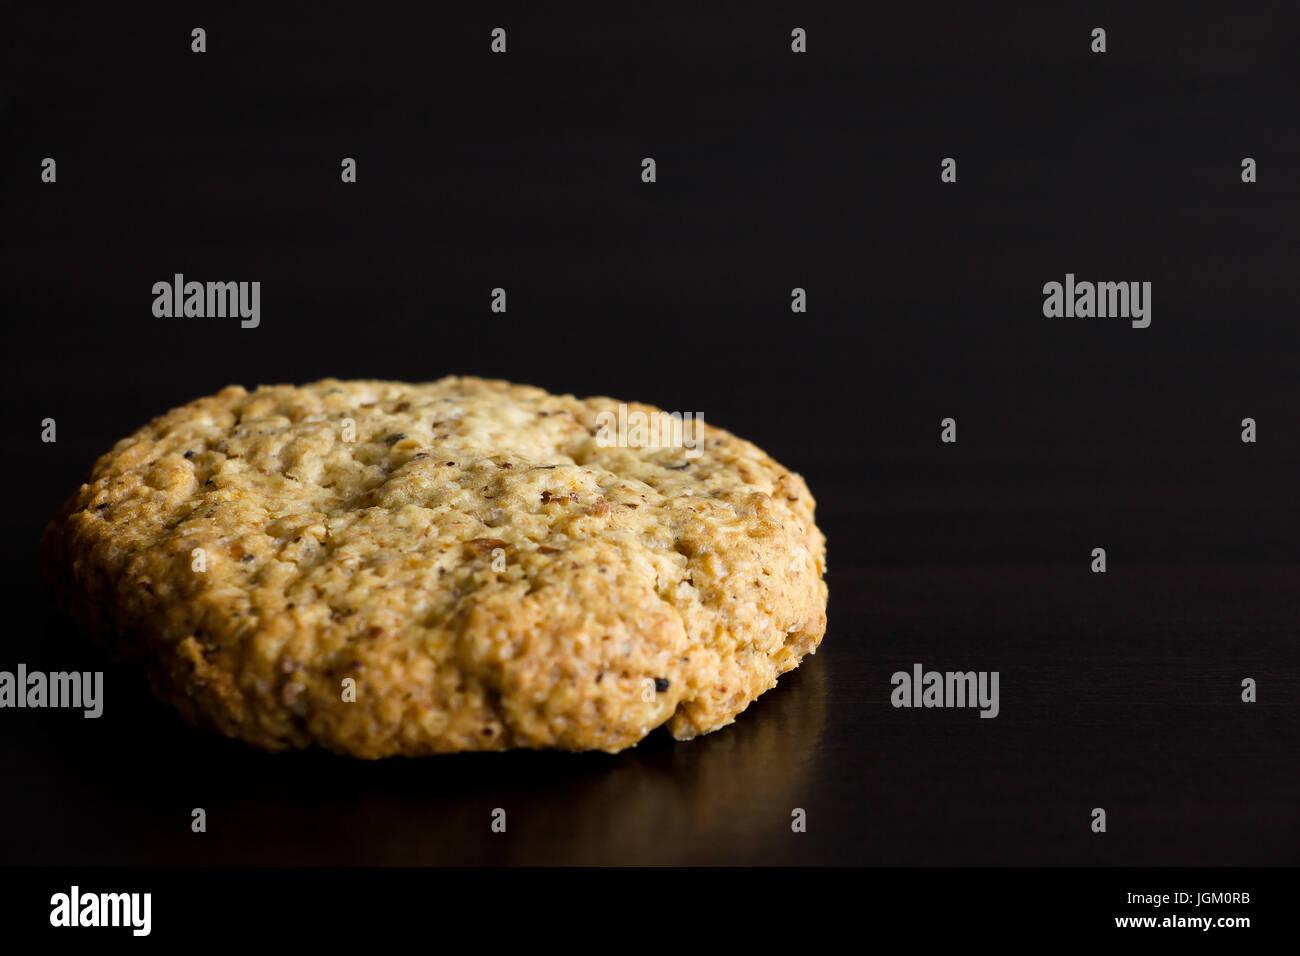 Seul des biscuits, dessert sain, sur fond sombre. Copier l'espace. Selective focus Photo Stock